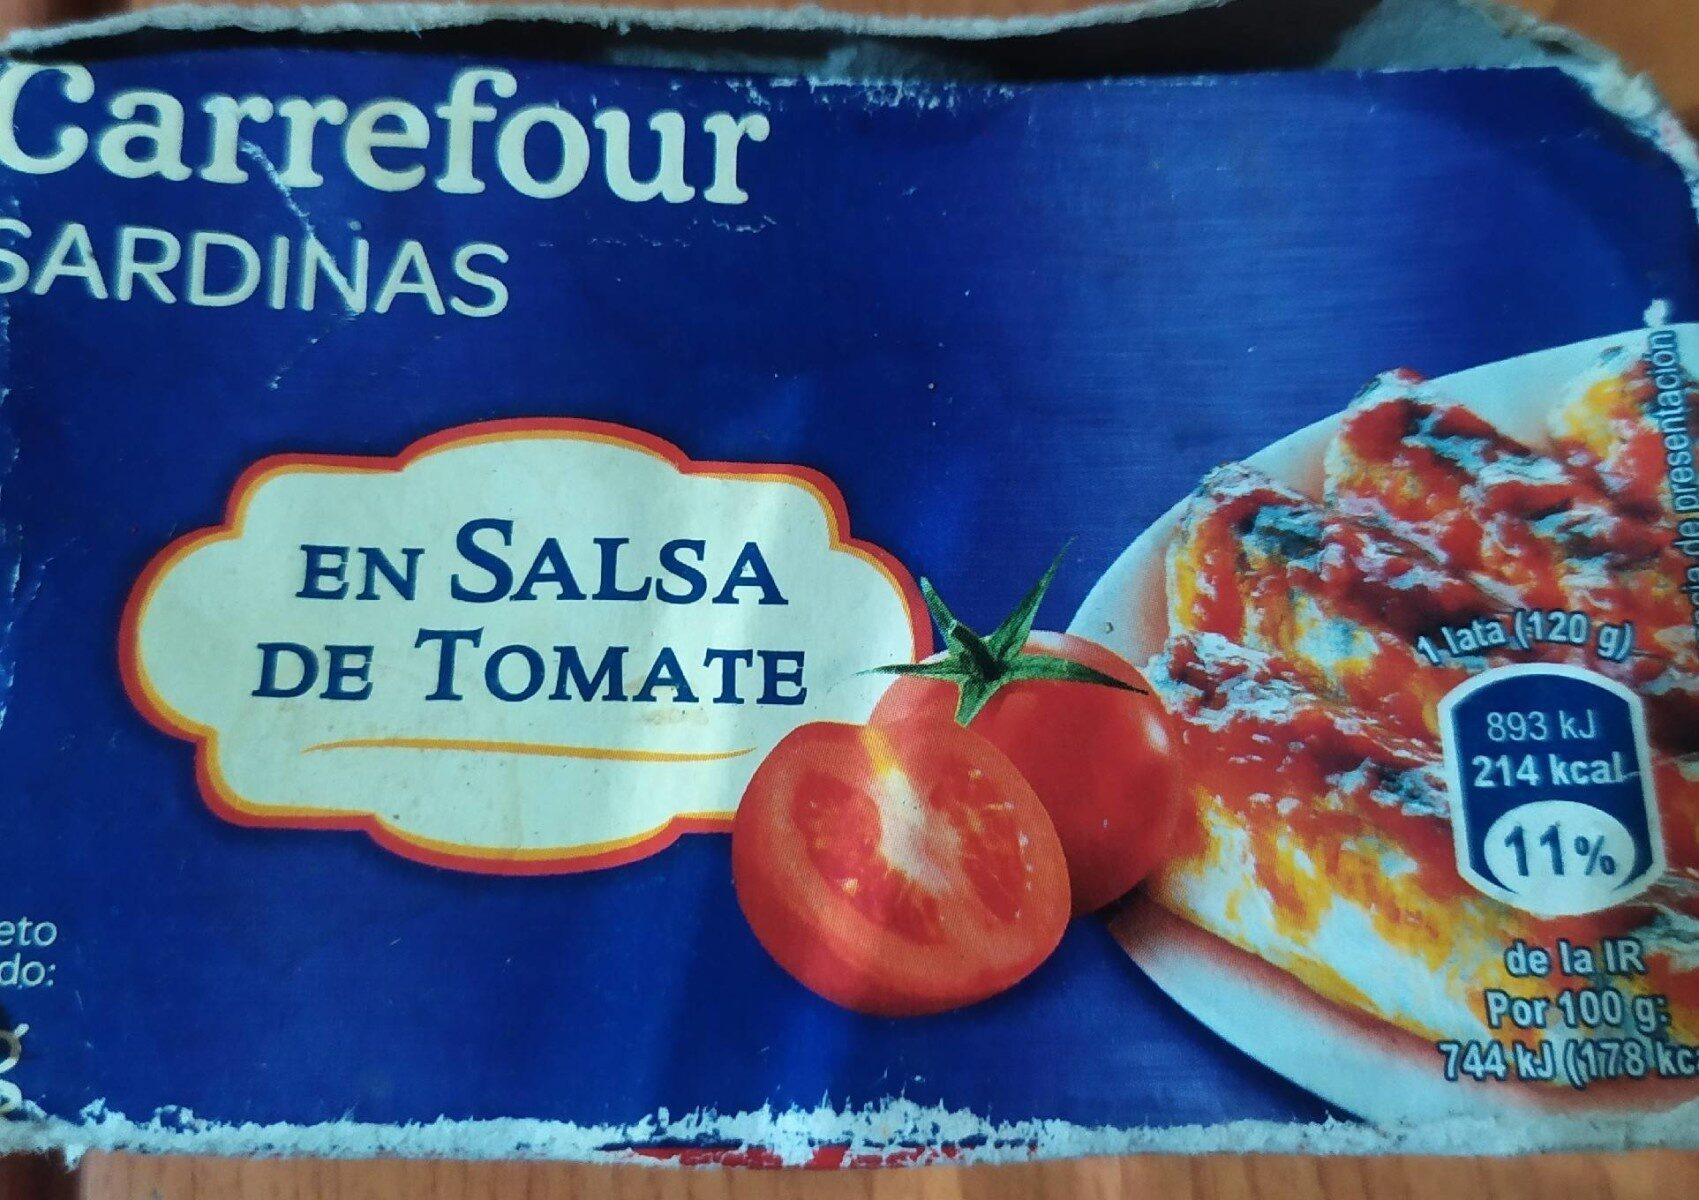 Sardinas en salsa de tomates - Producto - es